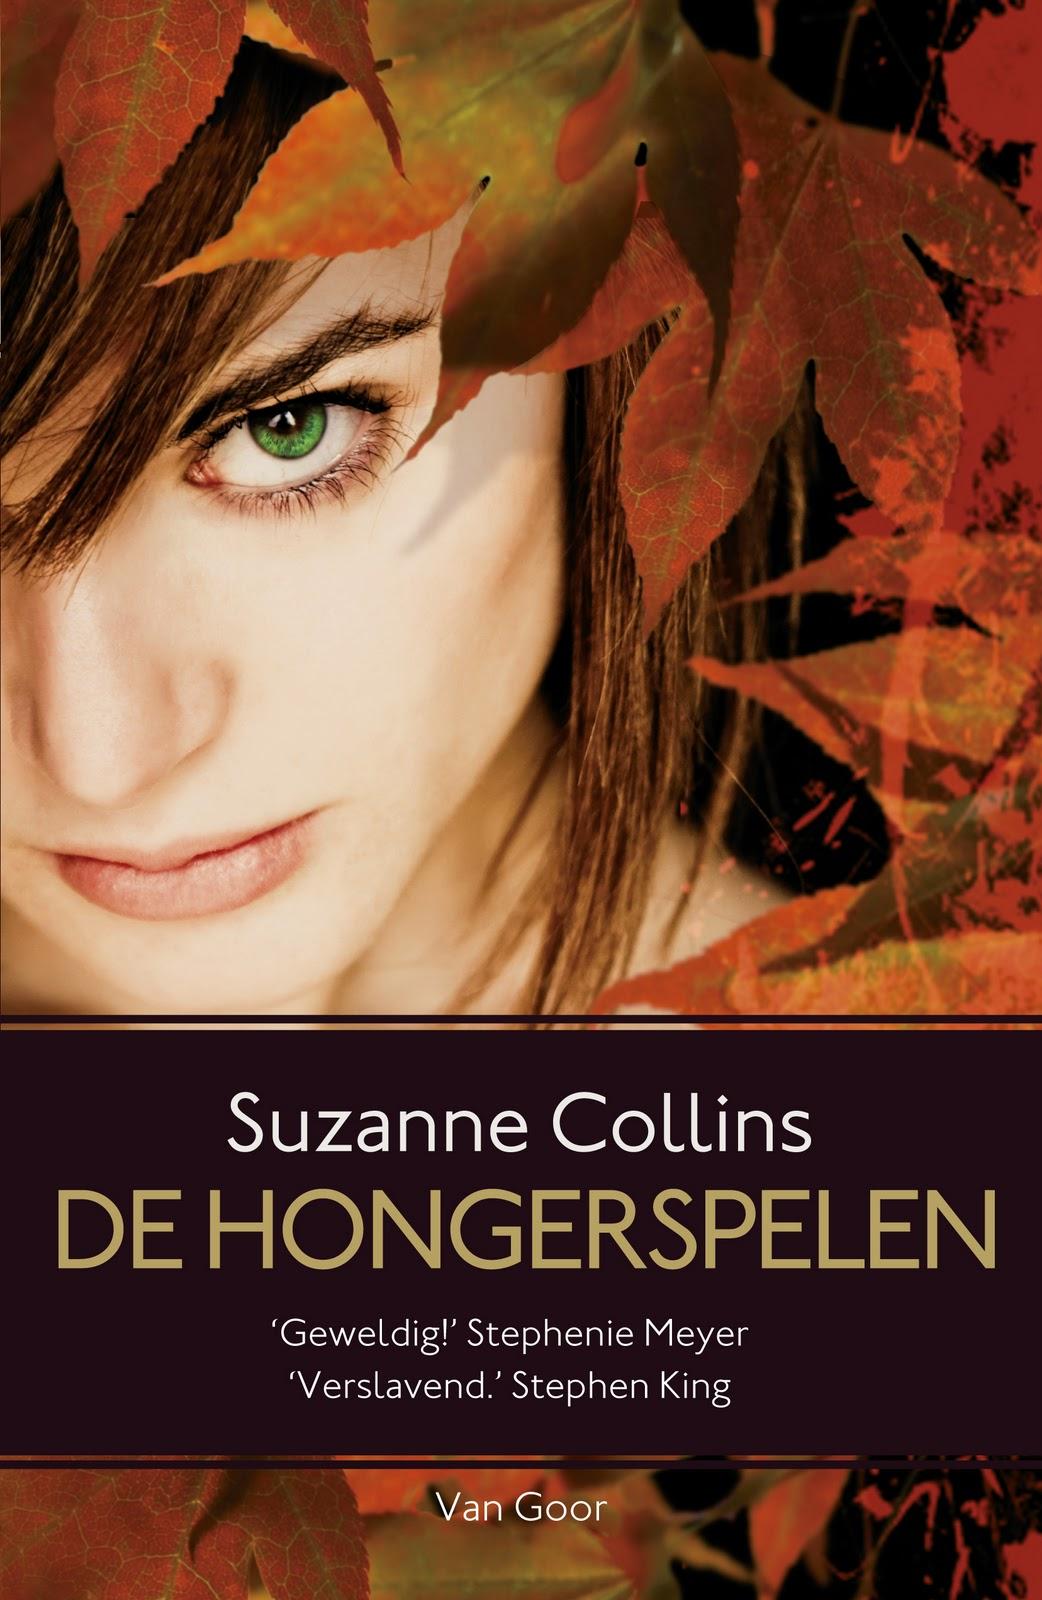 Couvertures d'Hunger Games 9789047515975_De_hongerspelen_midprice_voor_300